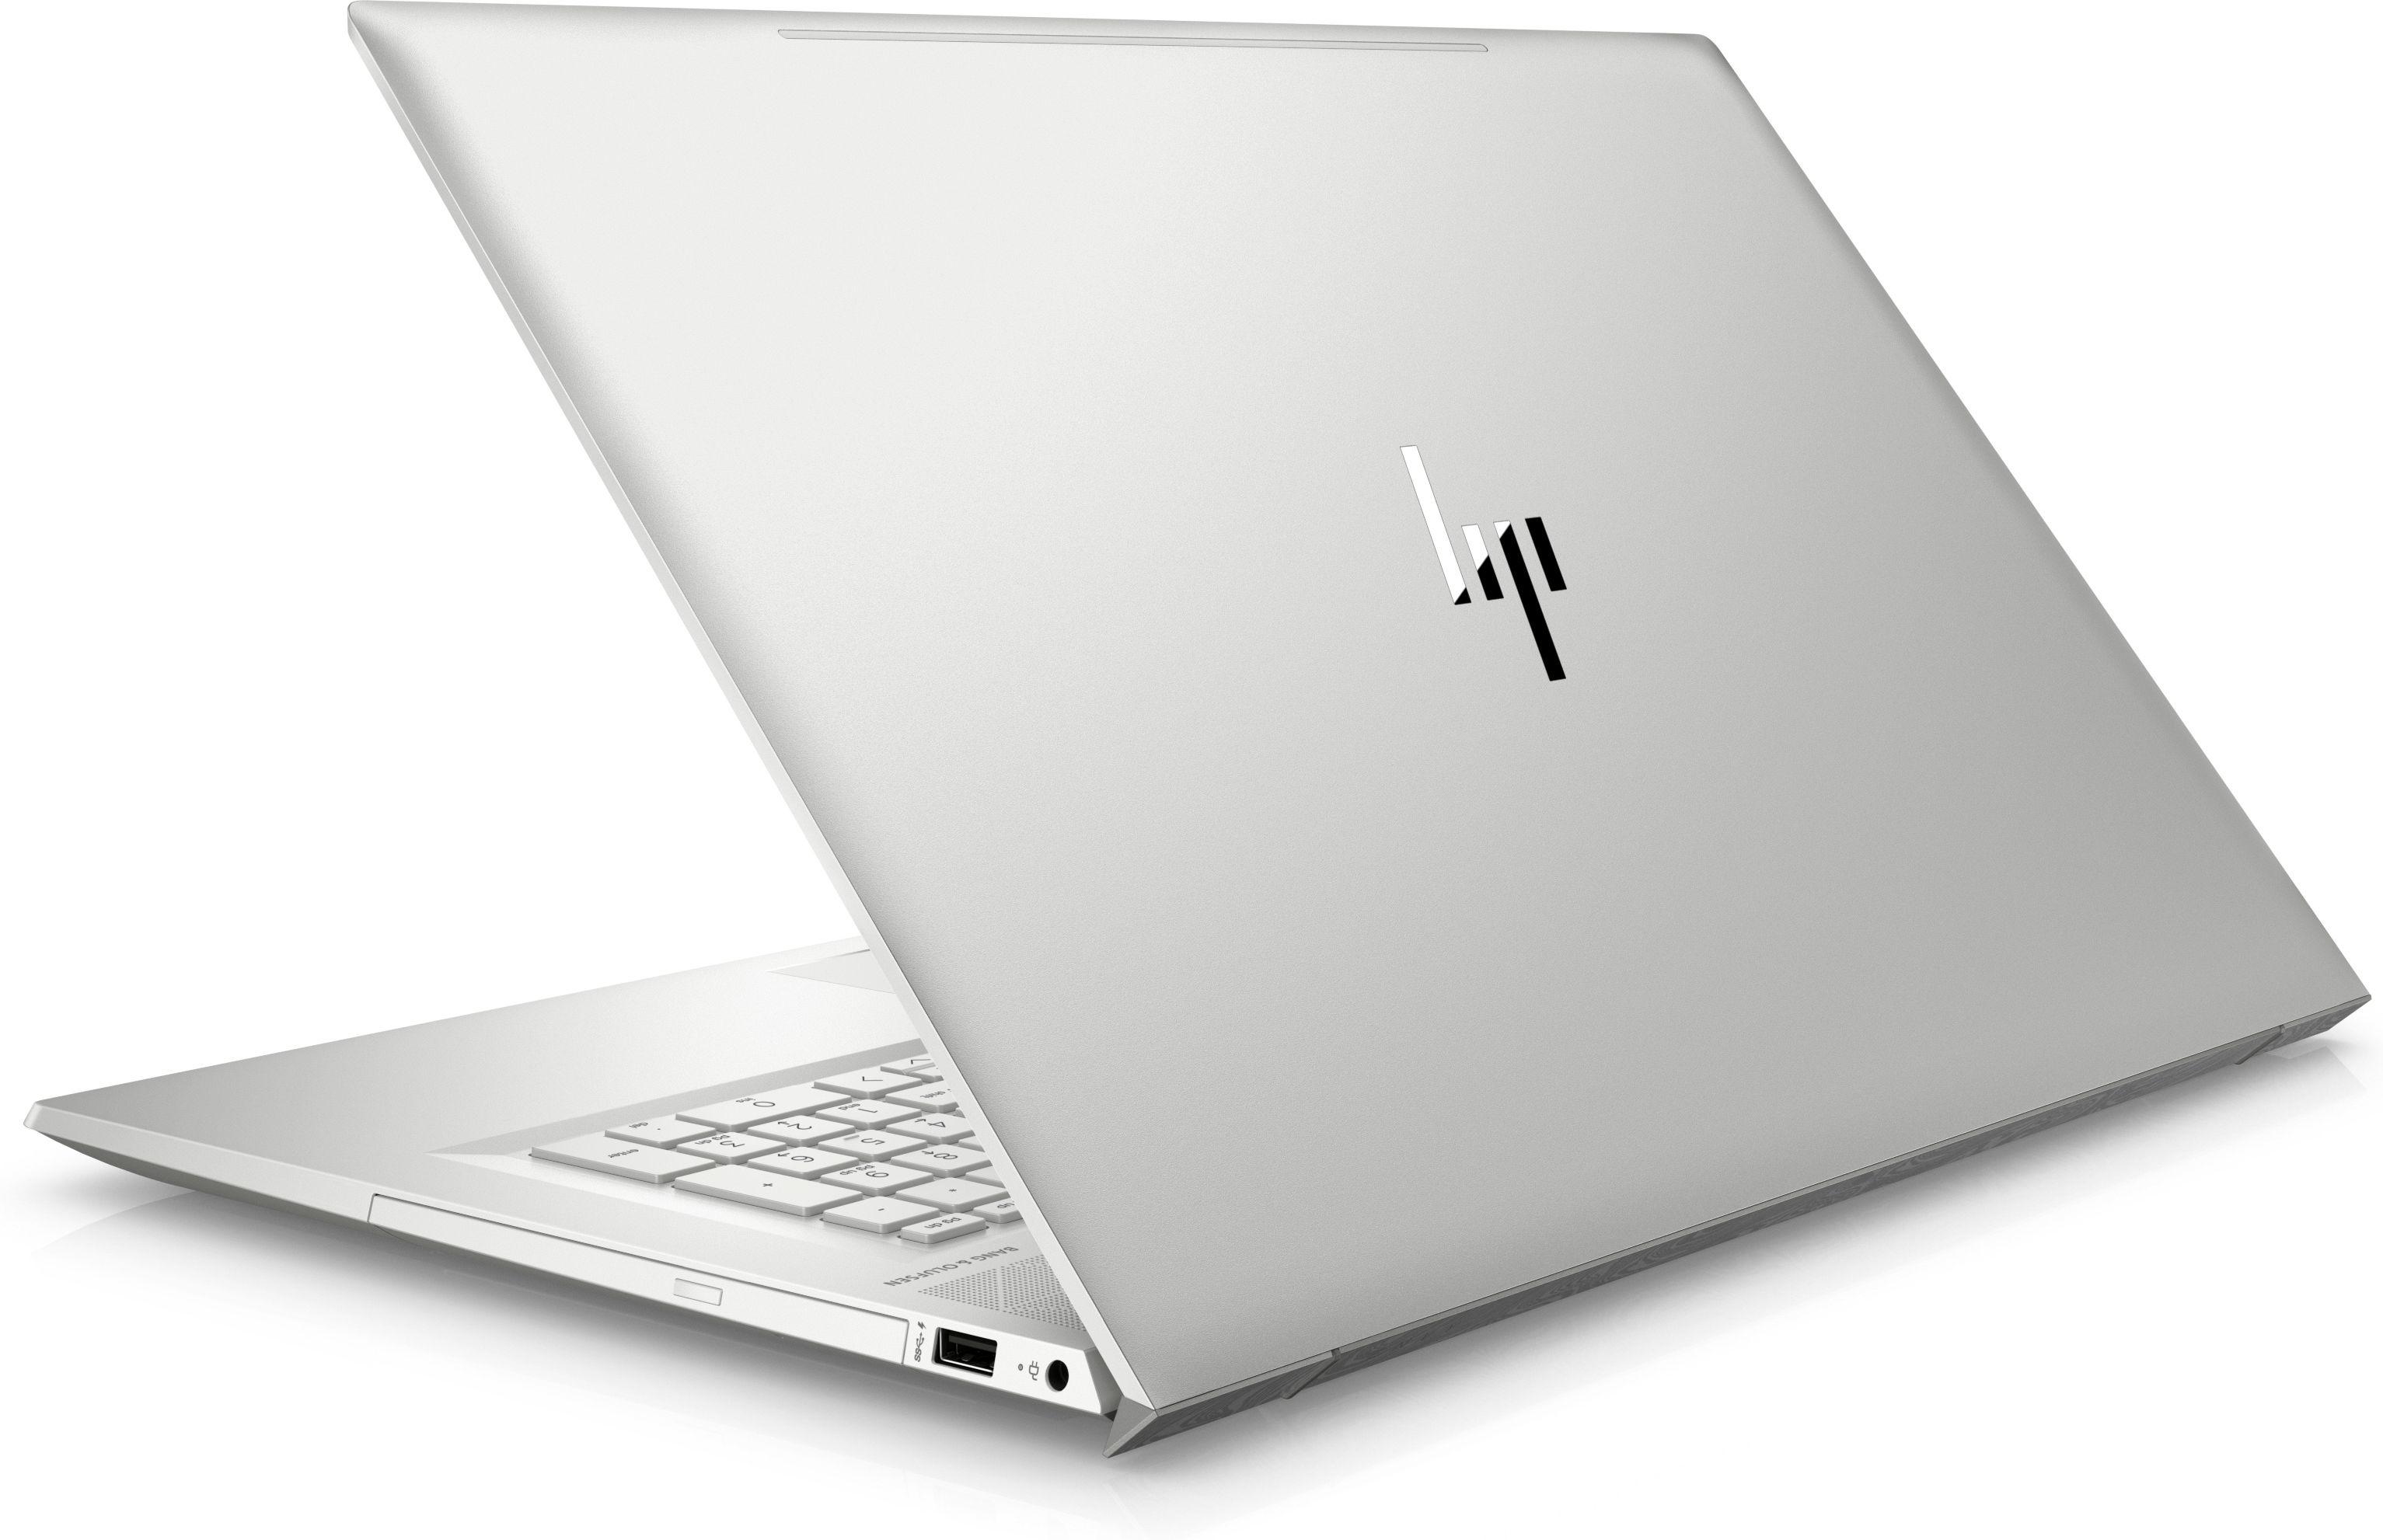 HP Envy 17-bw0503na